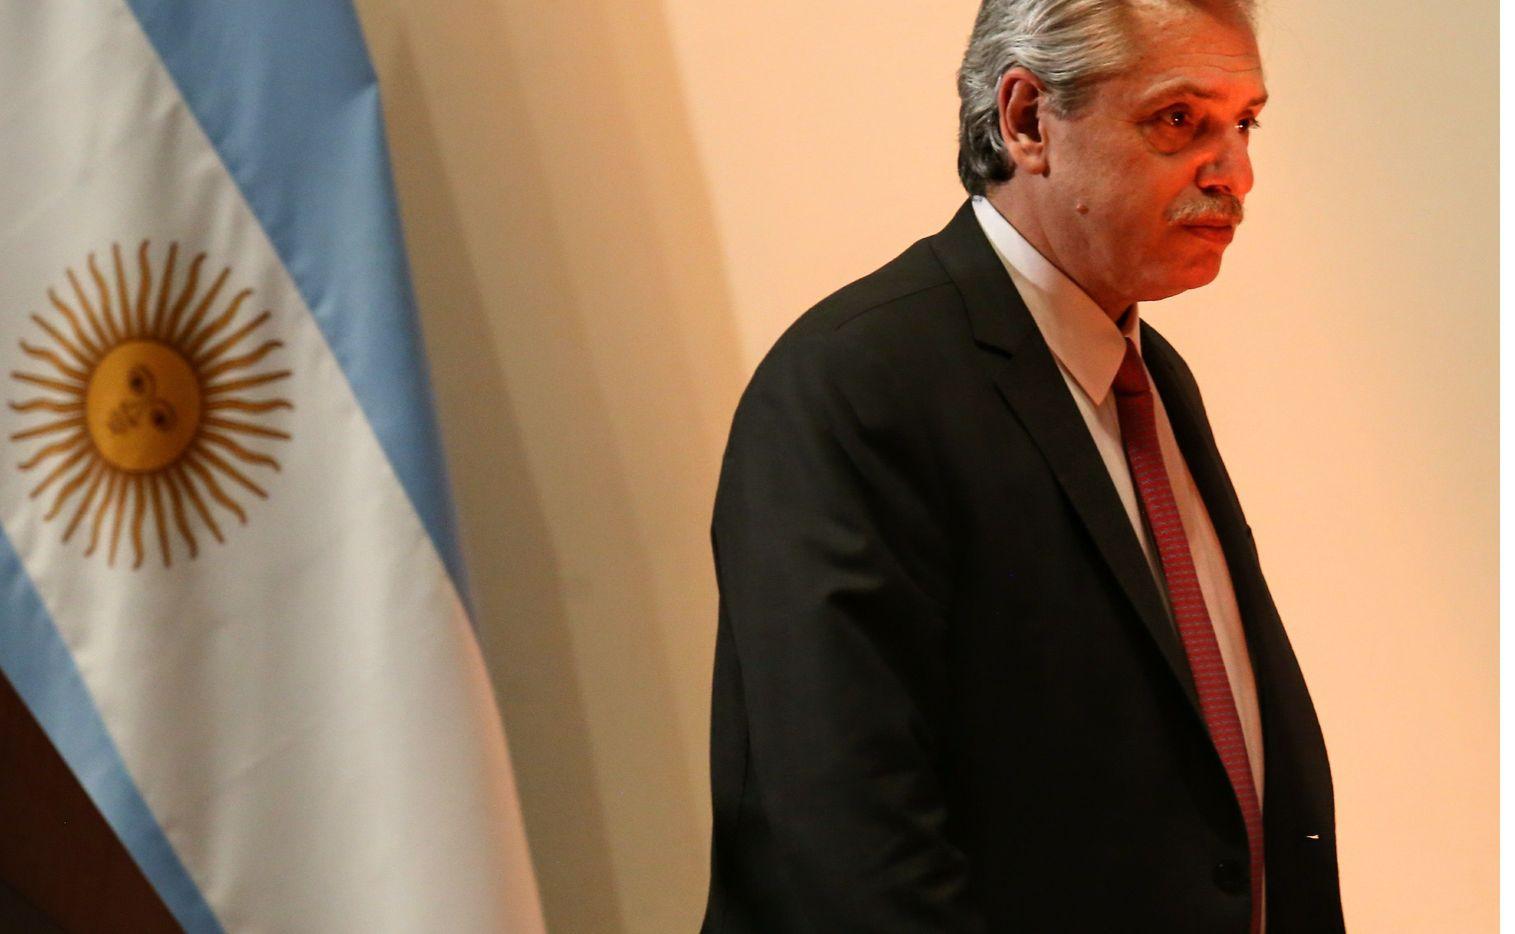 El presidente argentino Alberto Fernández durante una visita oficial a México en noviembre de 2019.